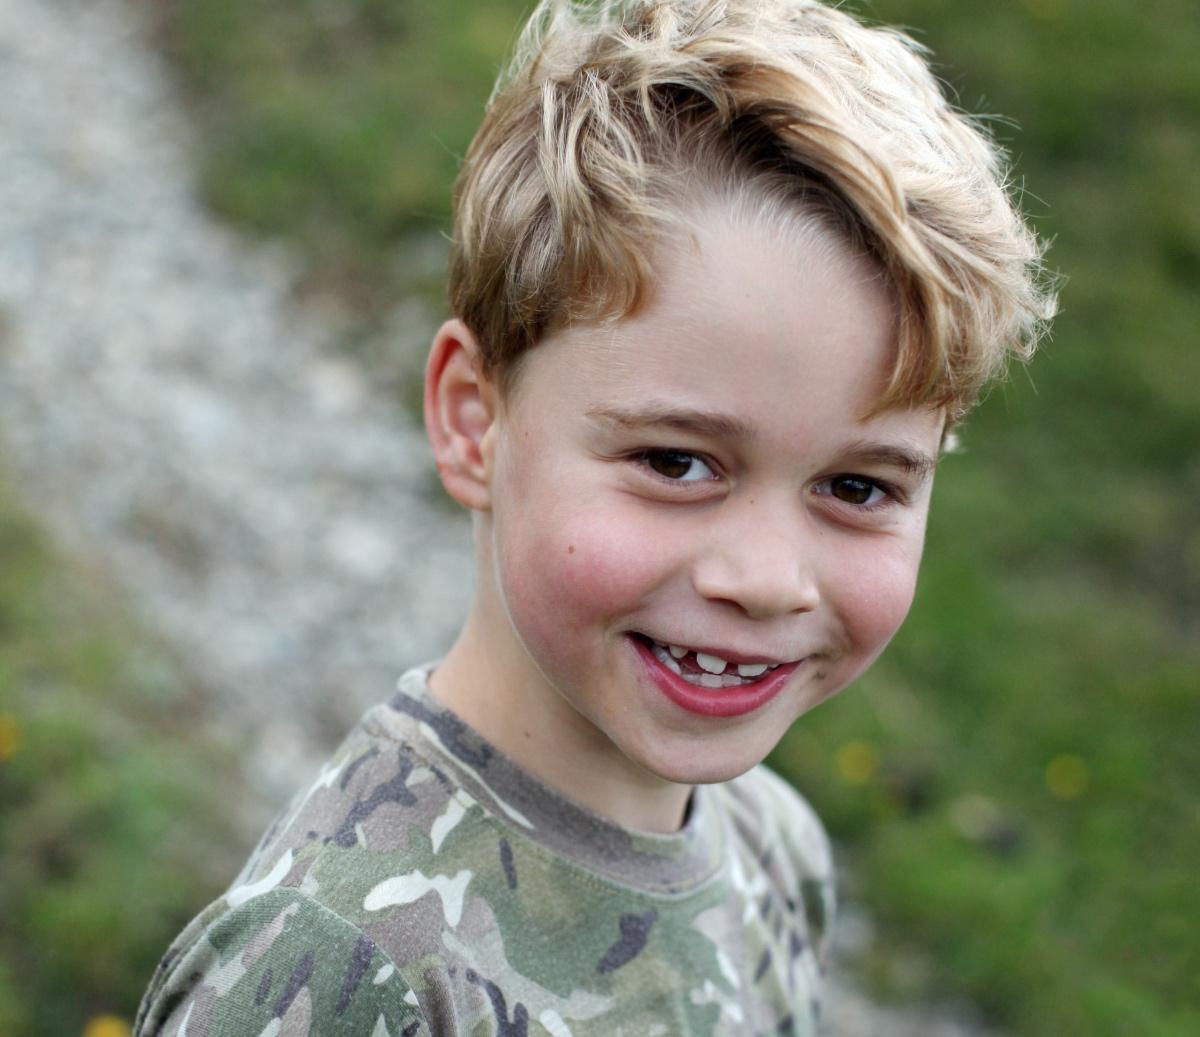 Πόσο έχεις μεγαλώσει Γώγο; Έκλεισε τα 7 ο Πρίγκιπας Τζορτζ